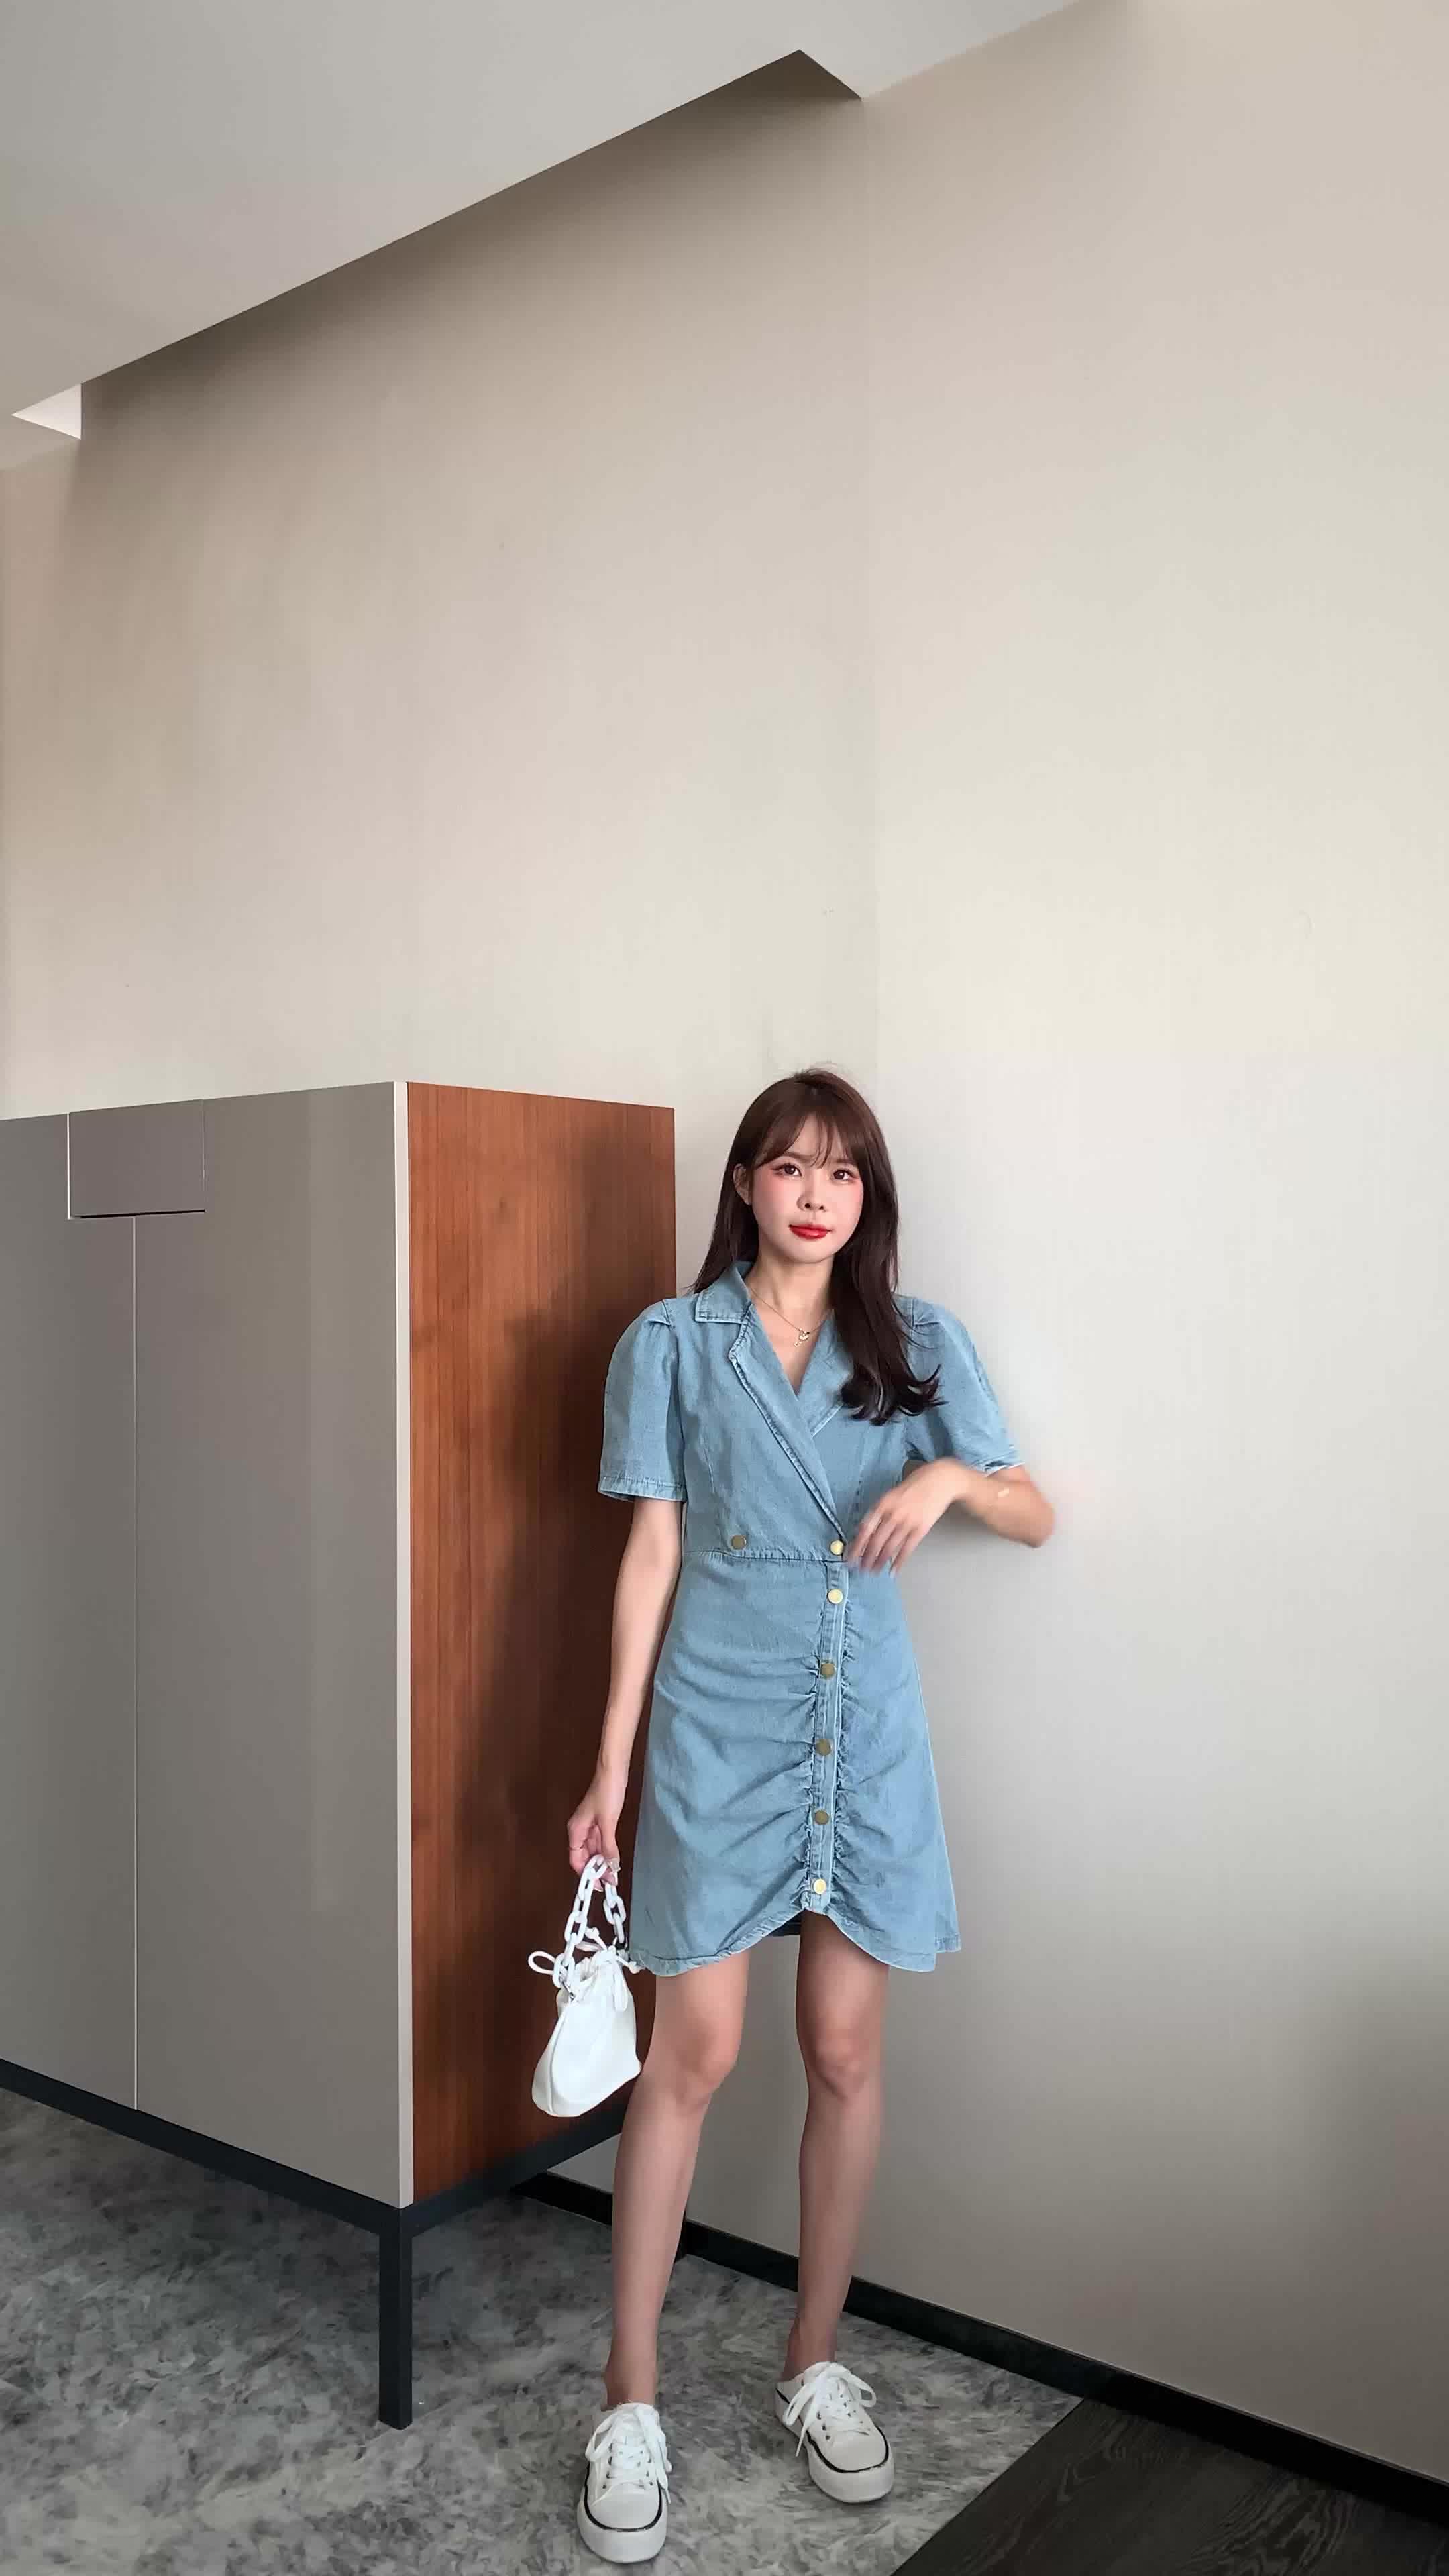 實拍現貨夏季新款牛仔連衣裙女薄款韓版休閑西裝領泡泡袖牛仔裙子